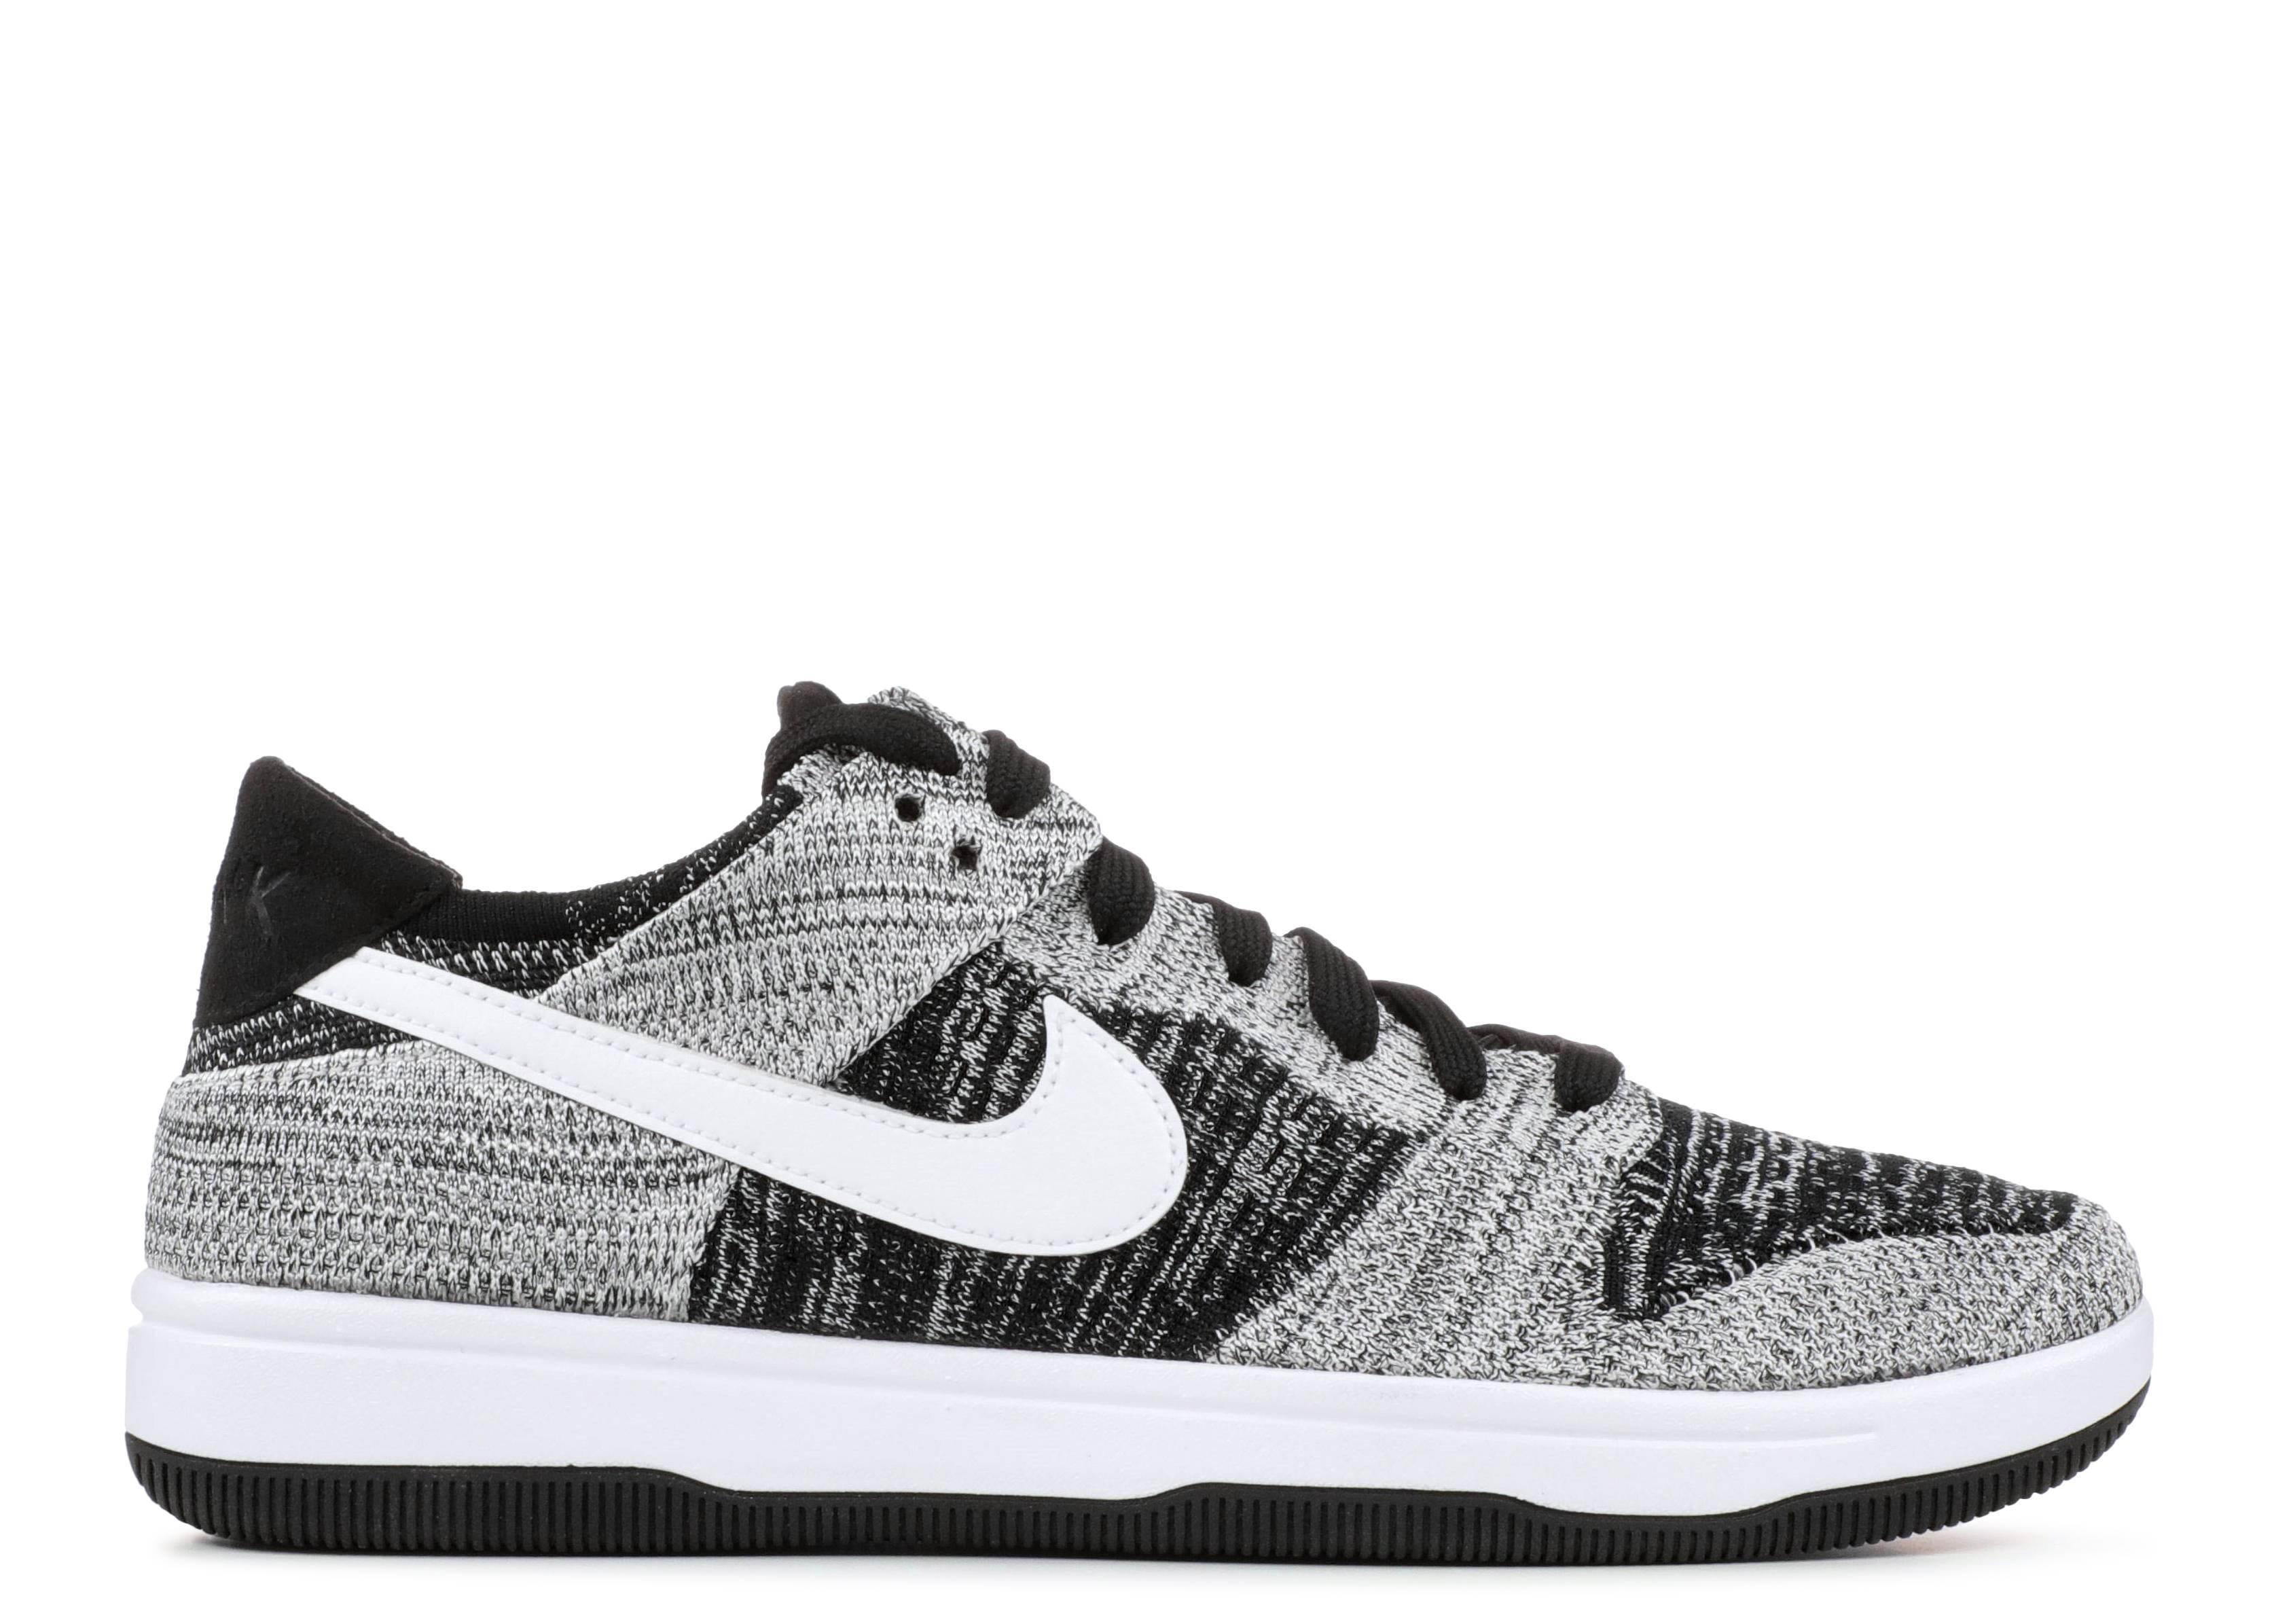 Dunk Low Flyknit 'Oreo' - Nike - 917746